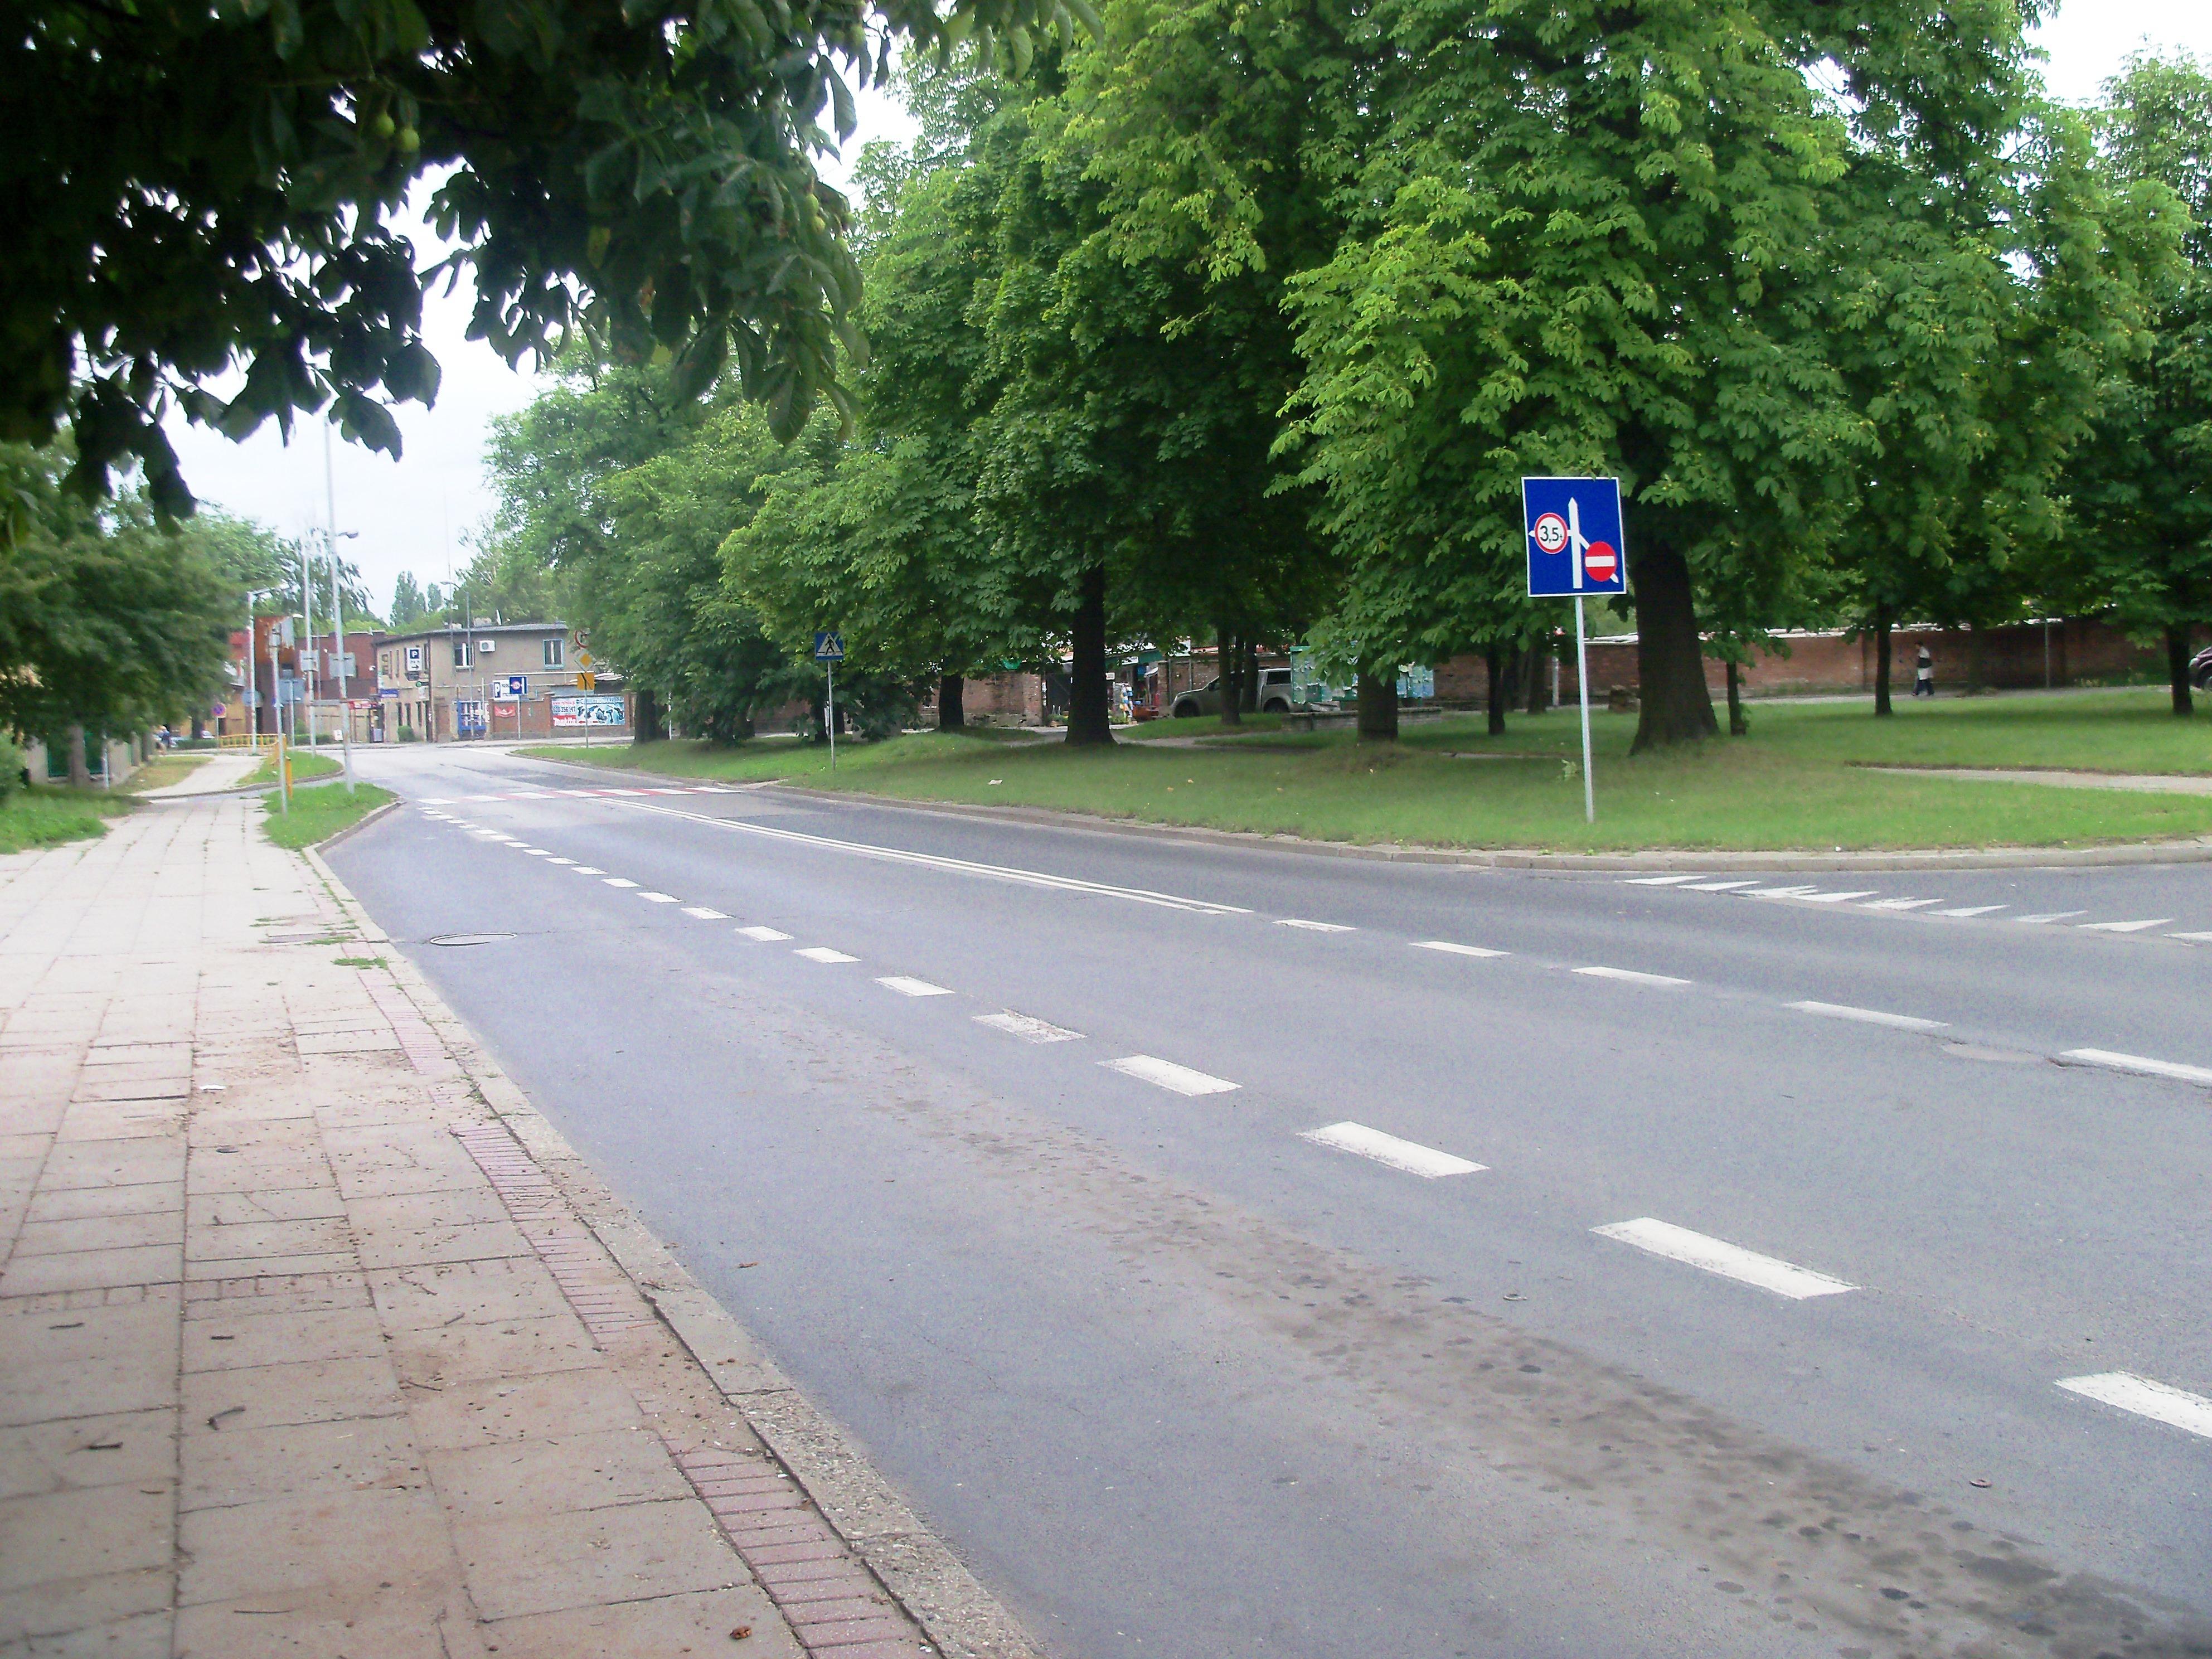 Ulica Elizy Orzeszkowej w Siemianowicach Śląskich